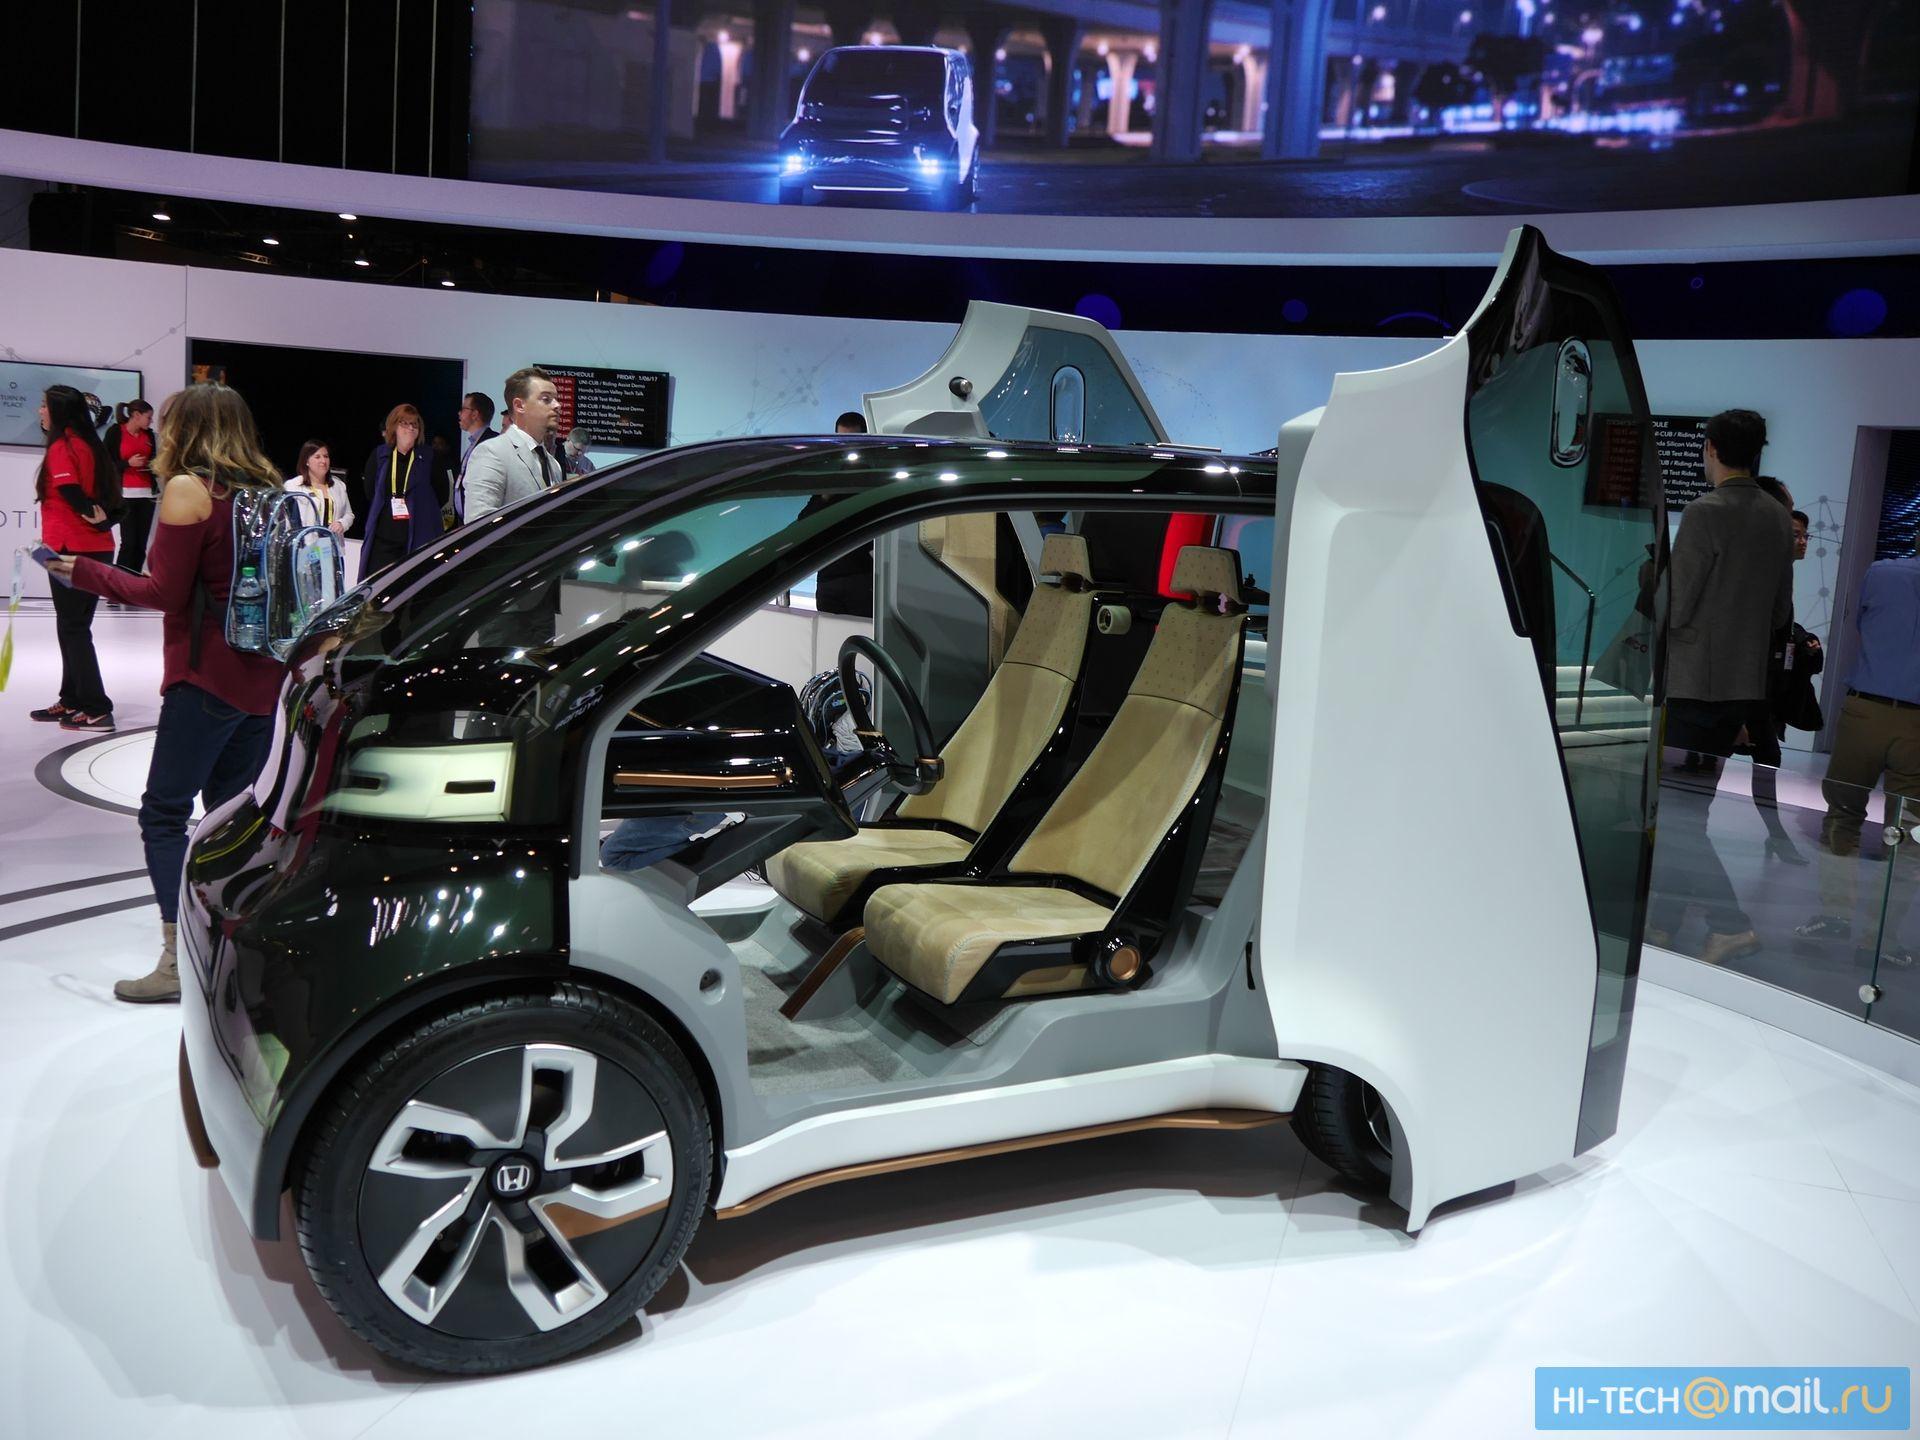 Будущее автомобилей на CES 2017 - 25